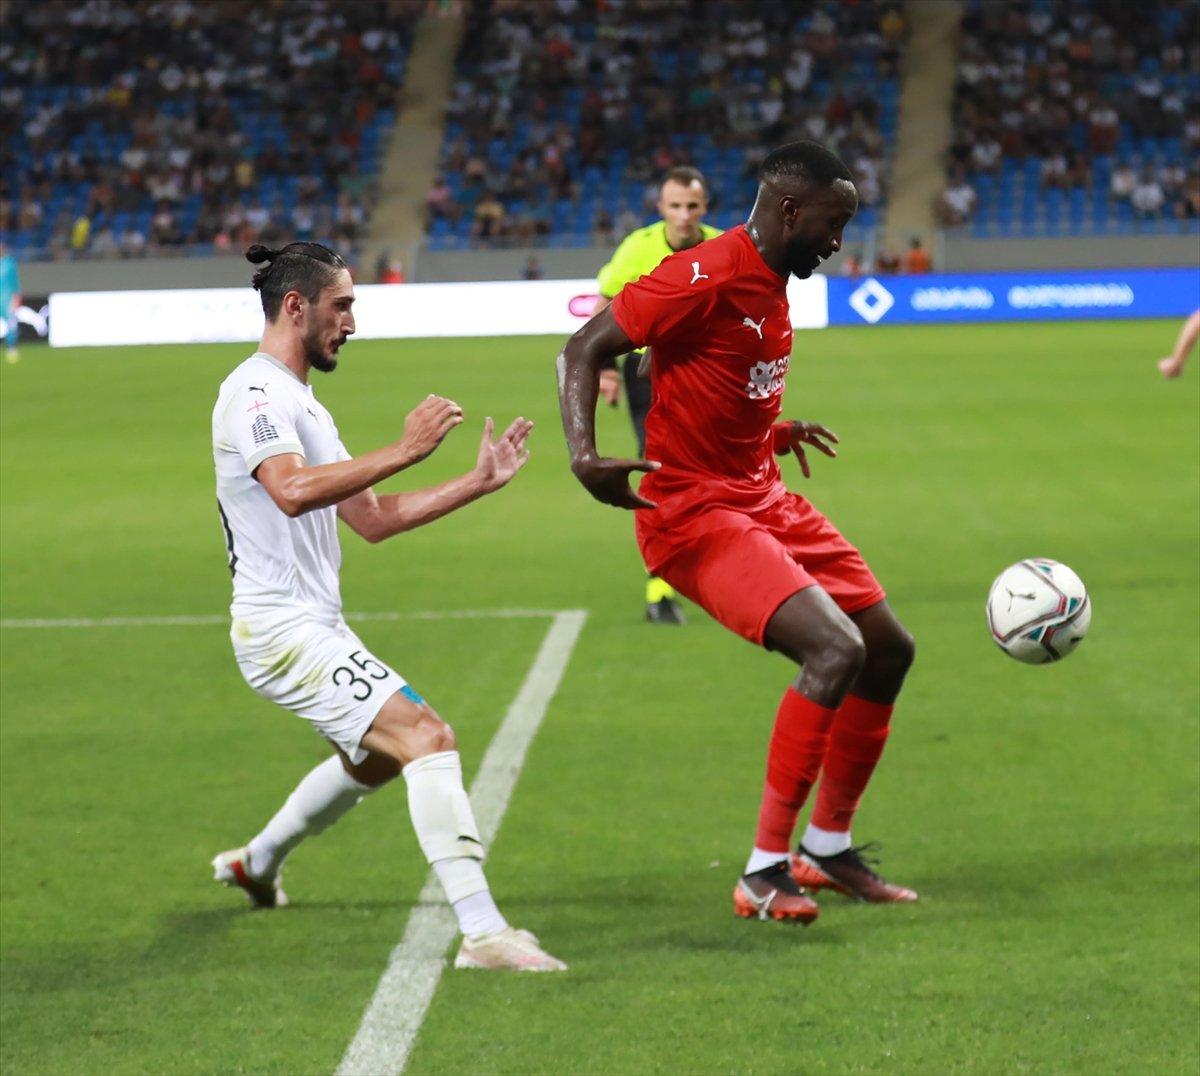 Sivasspor, Dinamo Batumi yi 2 golle geçti #1